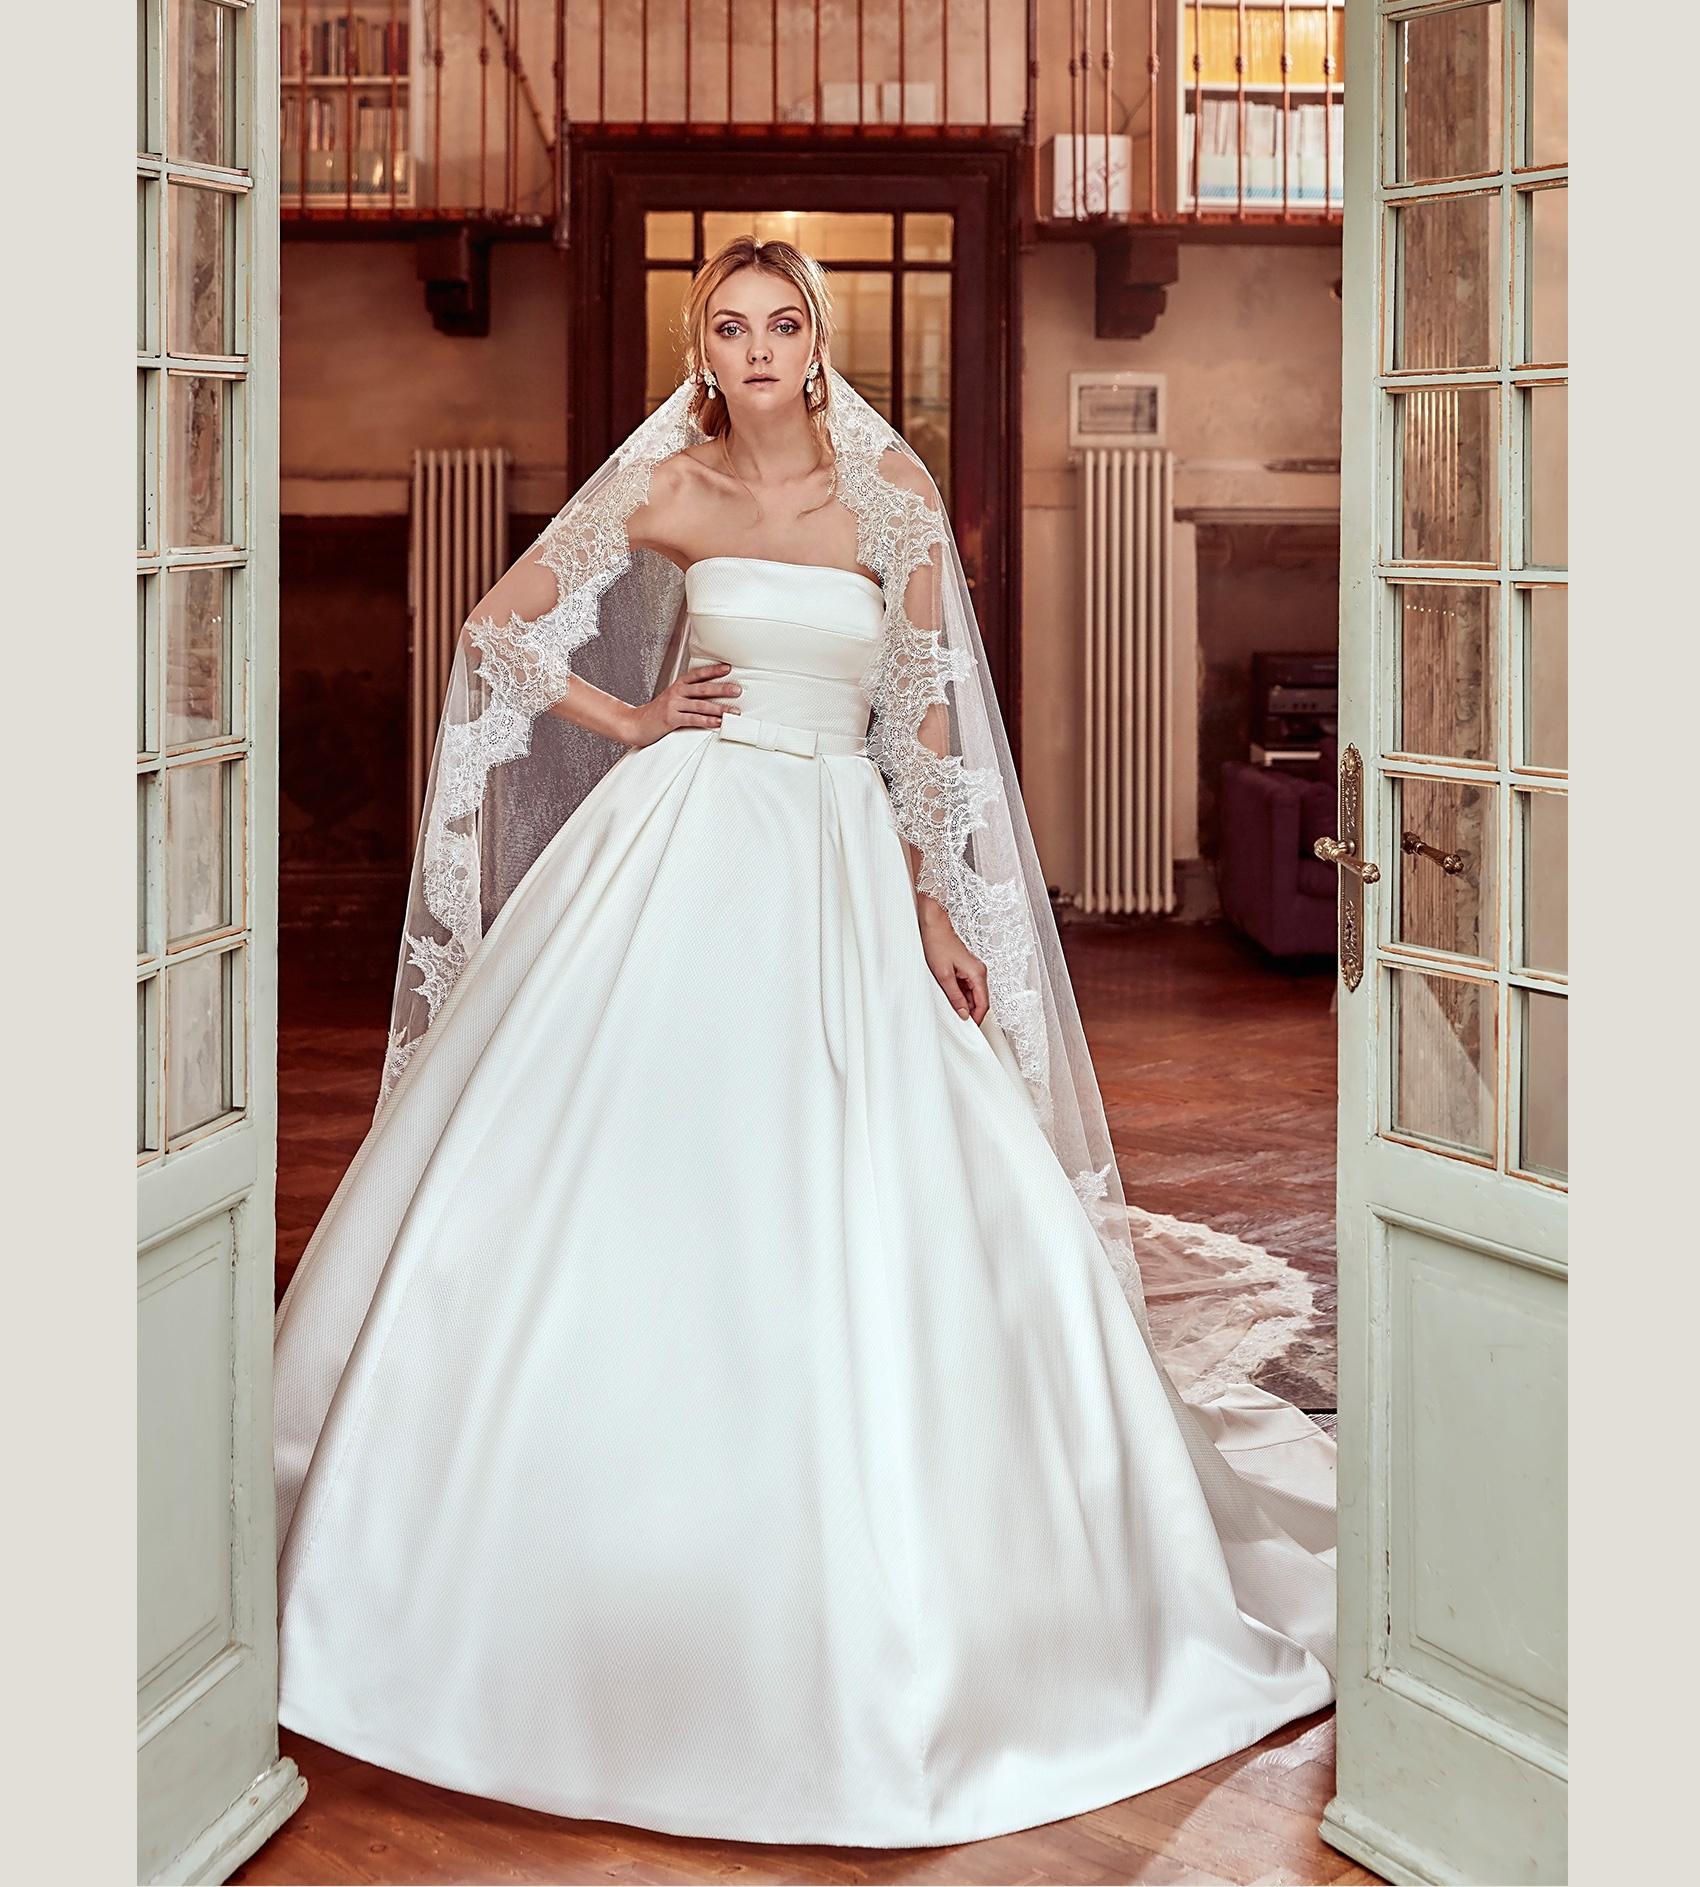 Abiti da sposa 2017 Pronovias, Nicole Spose e Rosa Clará, le foto